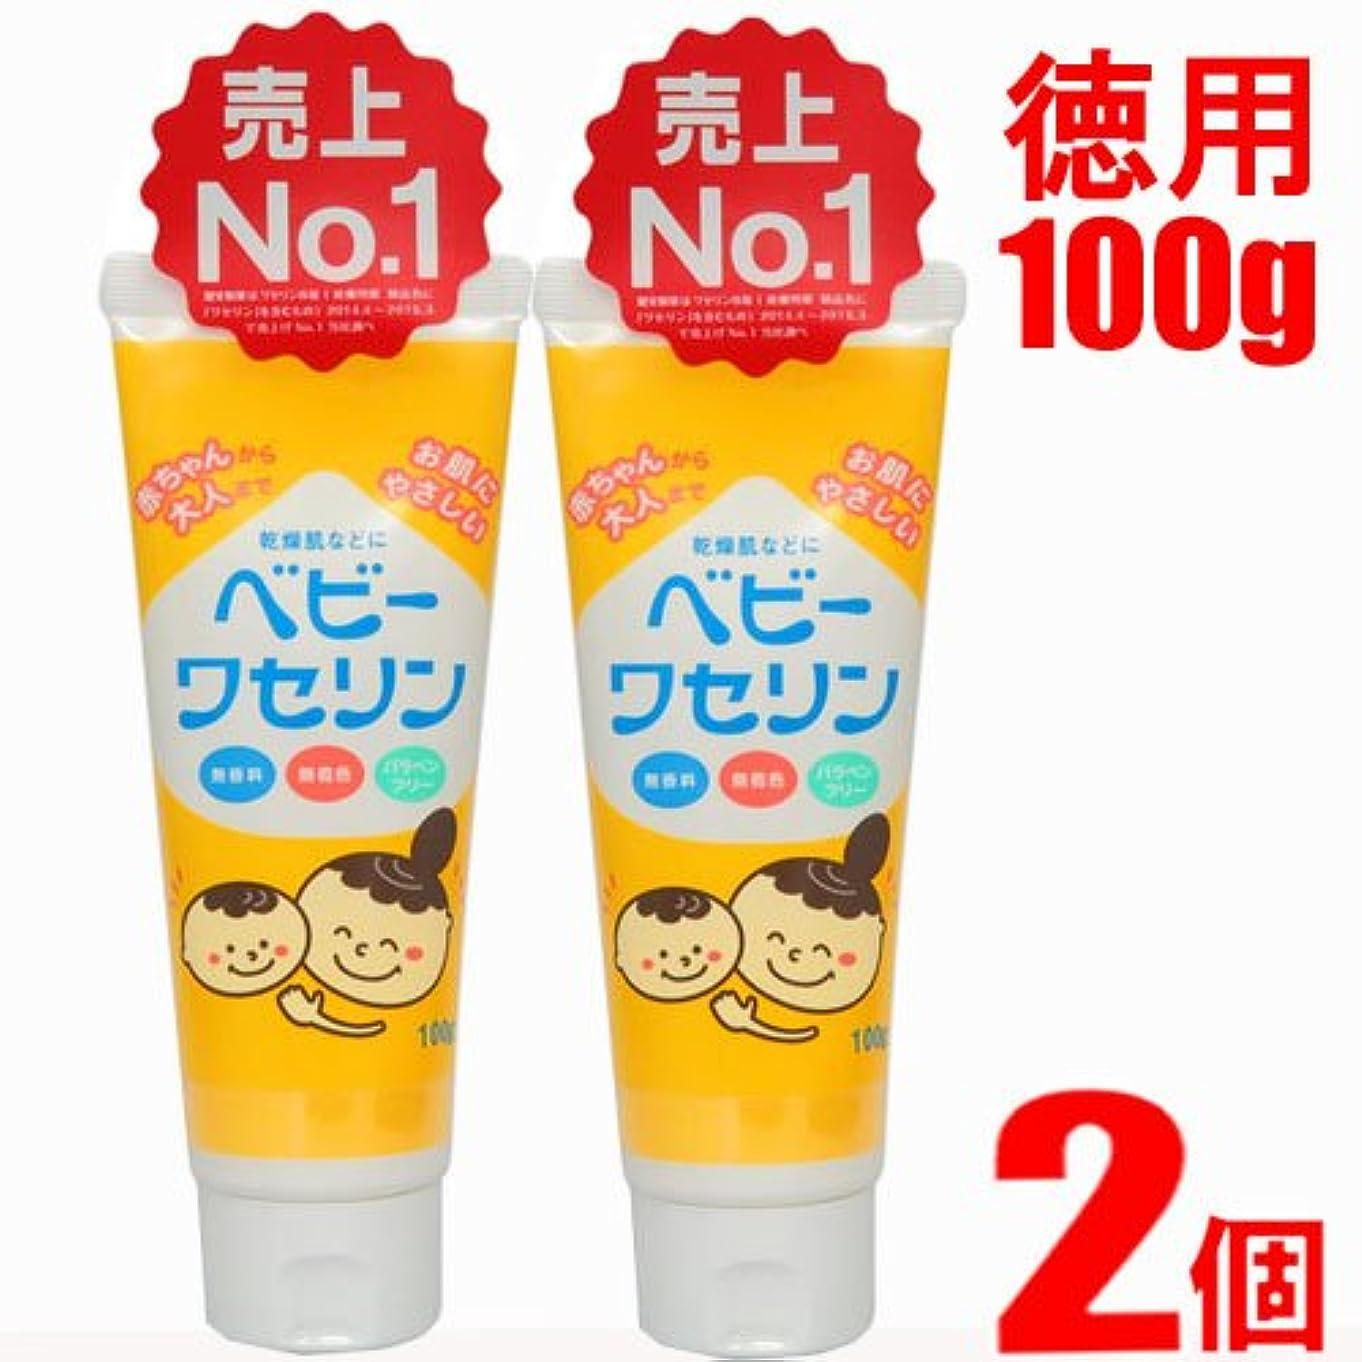 酔う雹修理可能【2本】ベビーワセリン 100g x2本 (4987286414263-2)